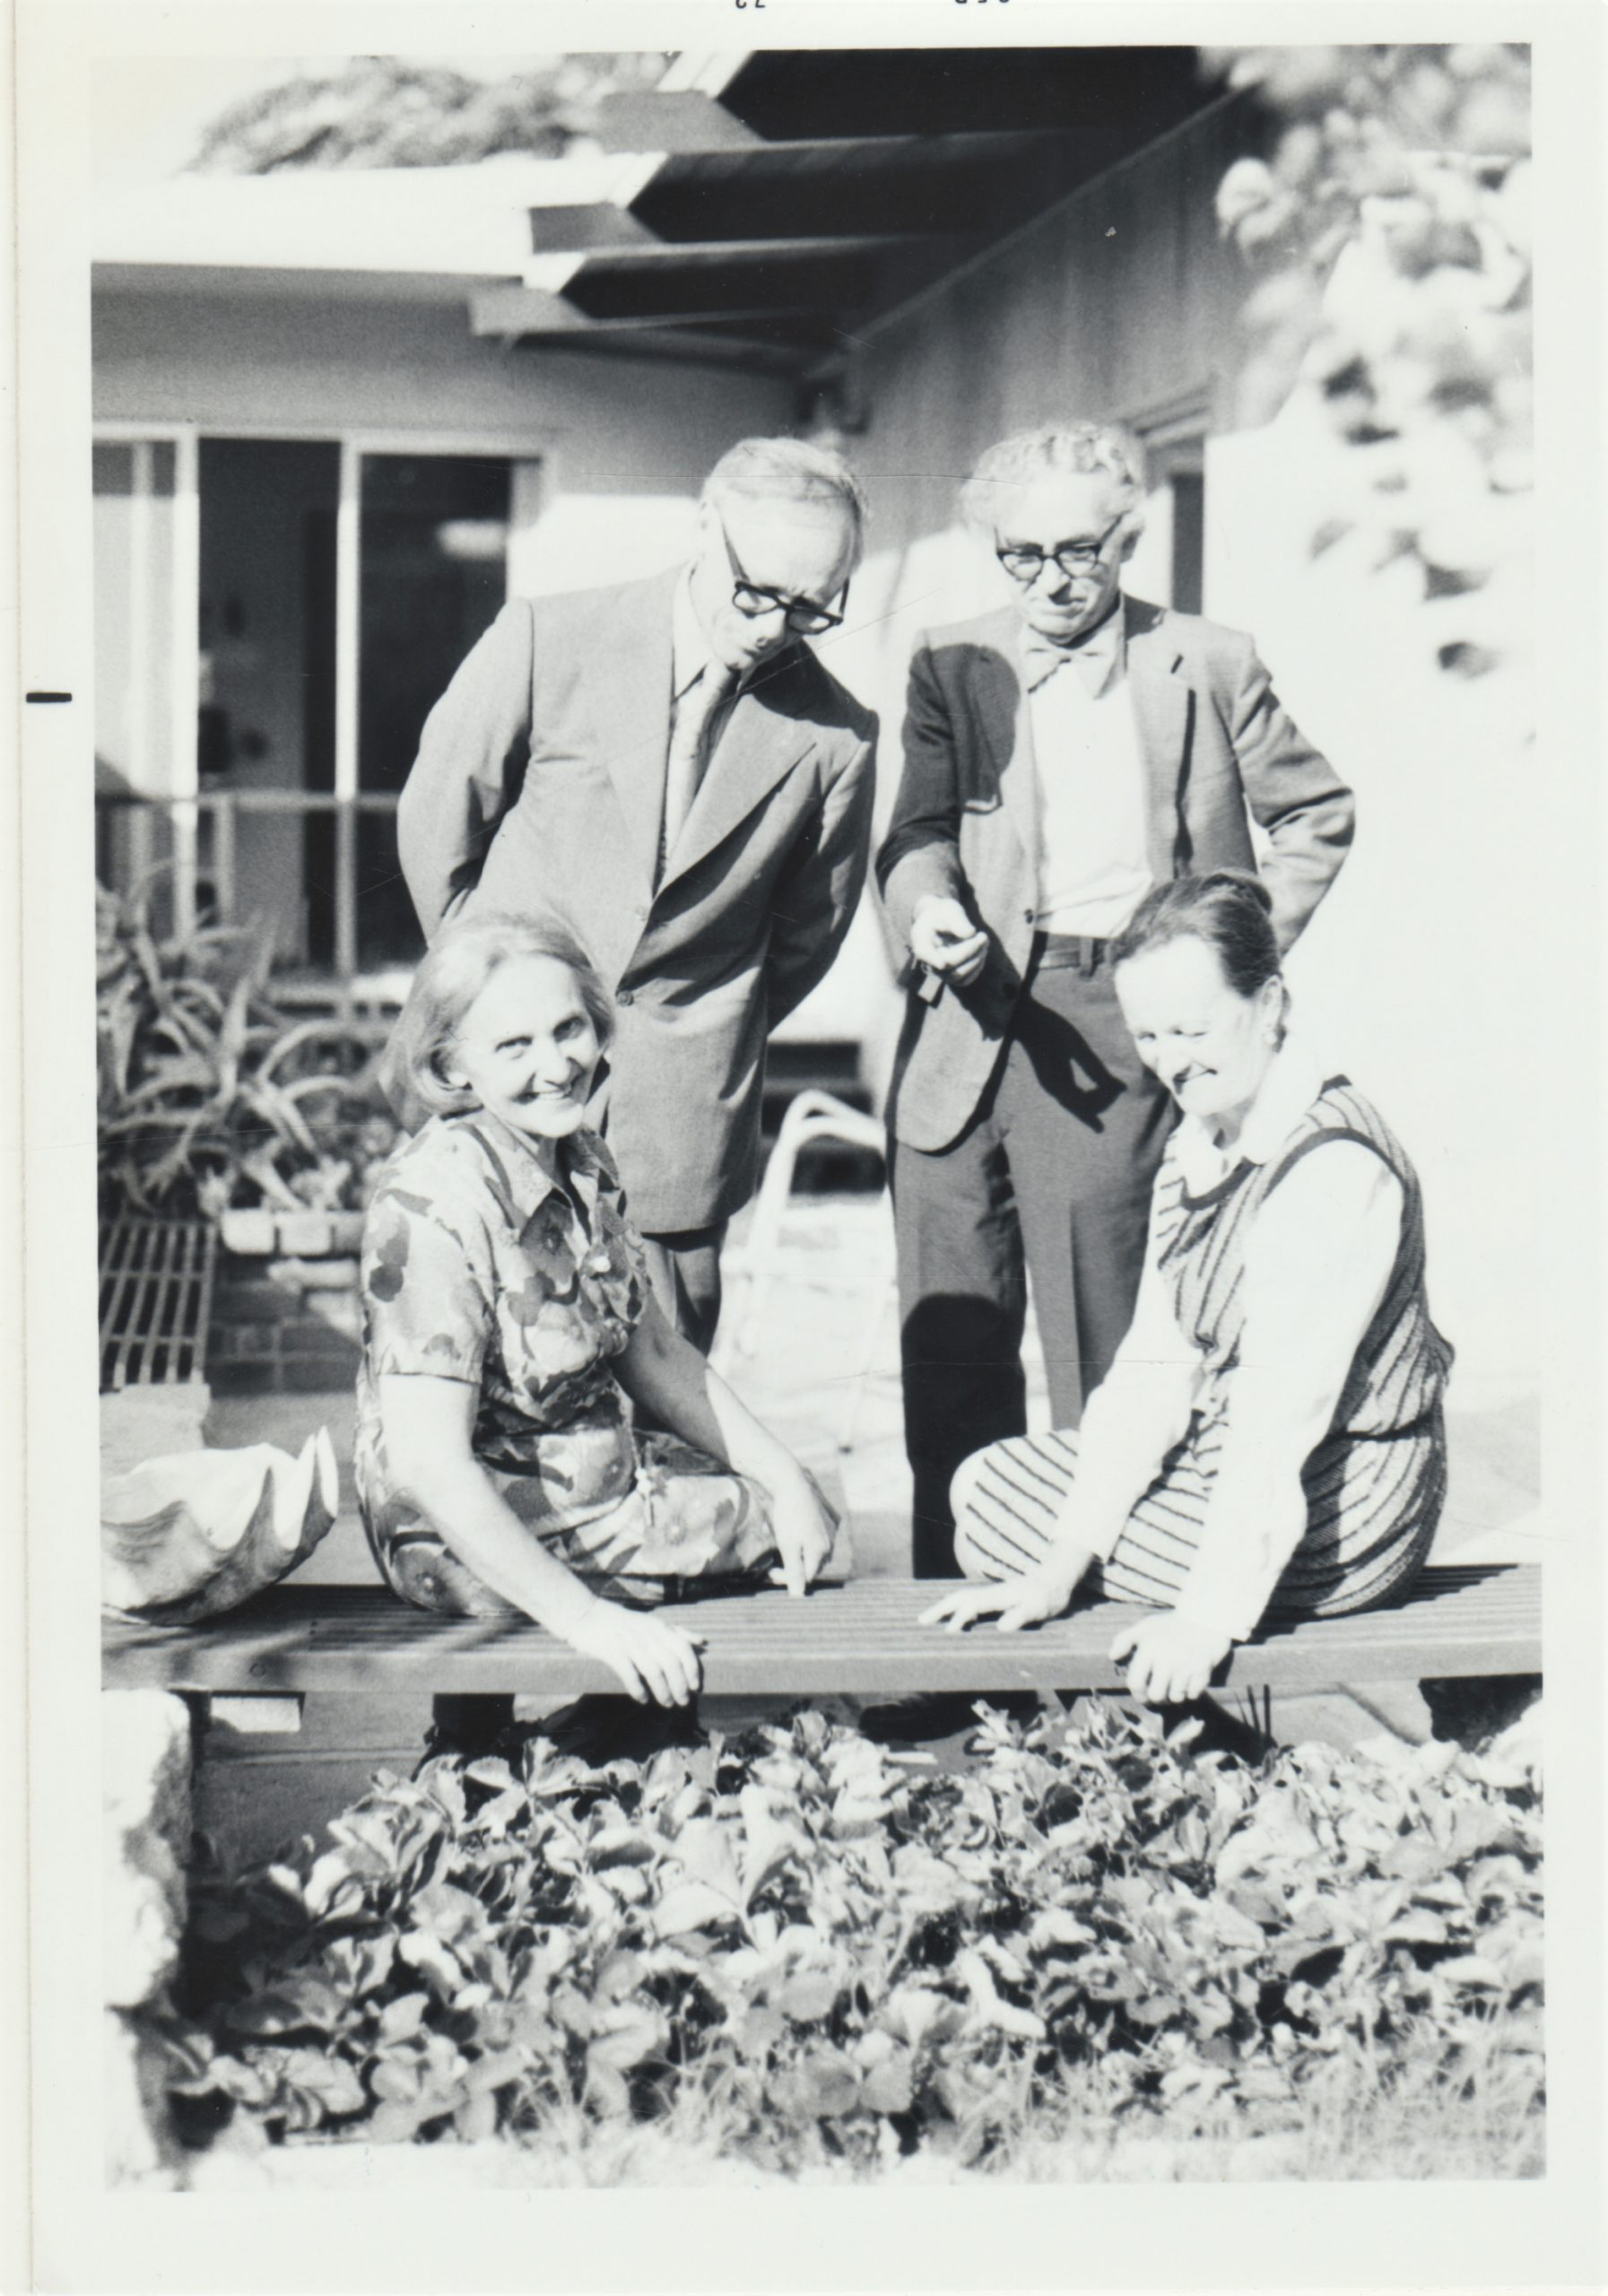 Iš kairės: A. Brazdžionienė ir Alė Rūta, stovi J. Kojelis ir Bern. Brazdžionis. Kalifornija. 1973 m.